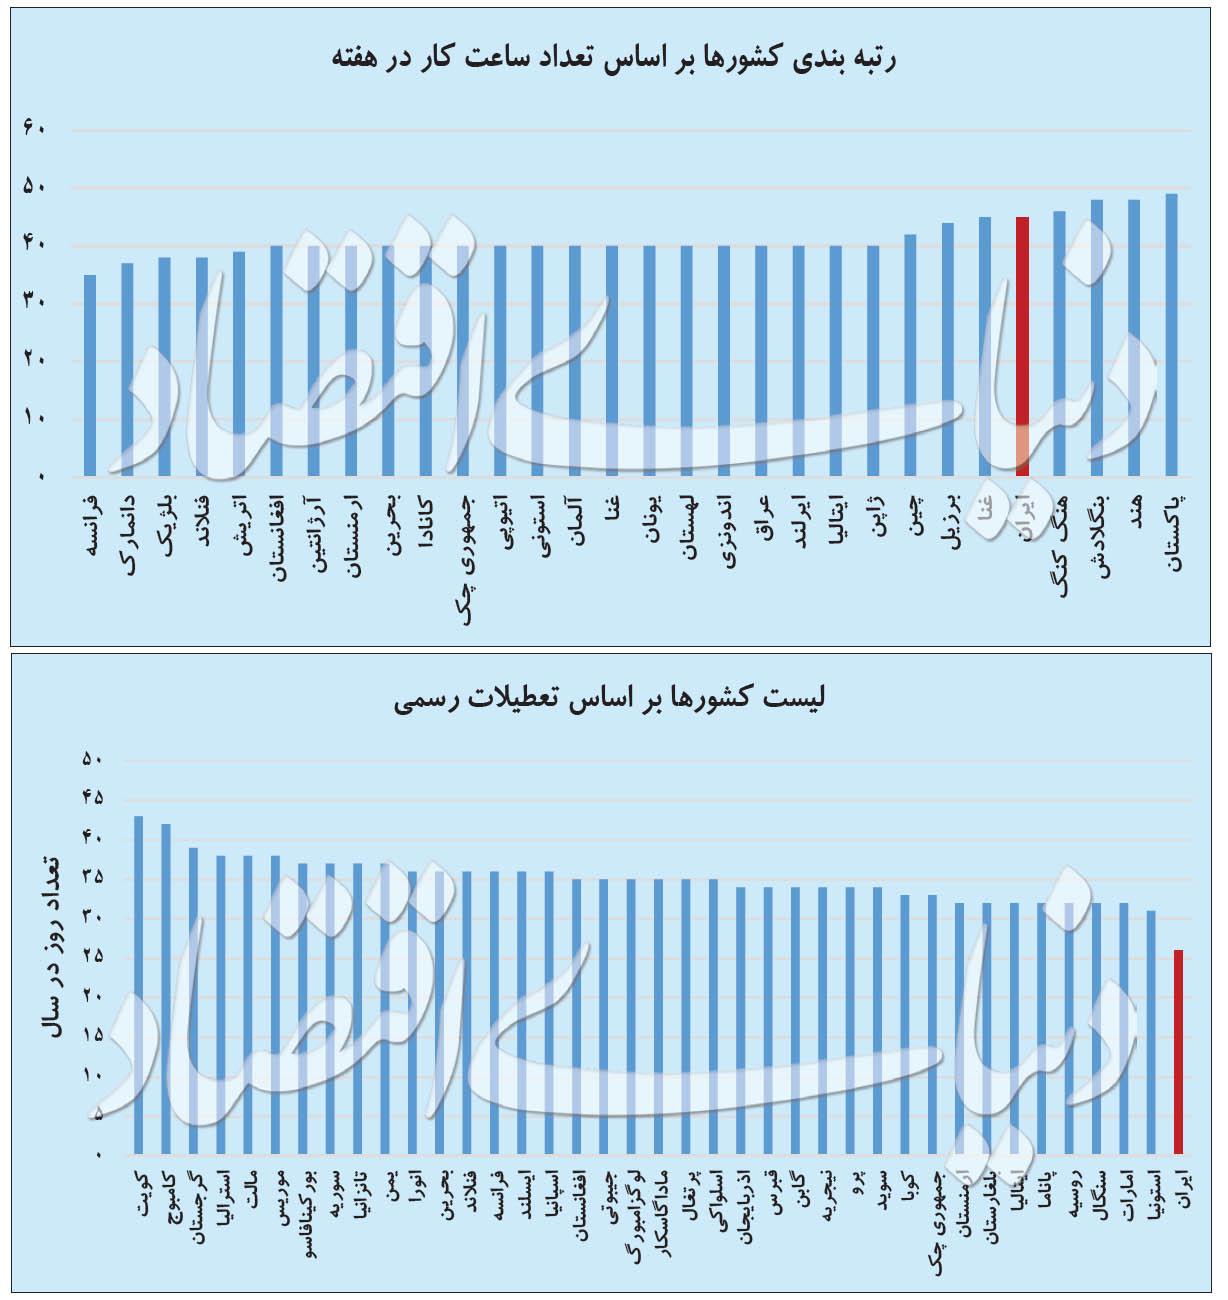 آیا حقیقتا روزهای تعطیل ایران بیش از اندازه است؟